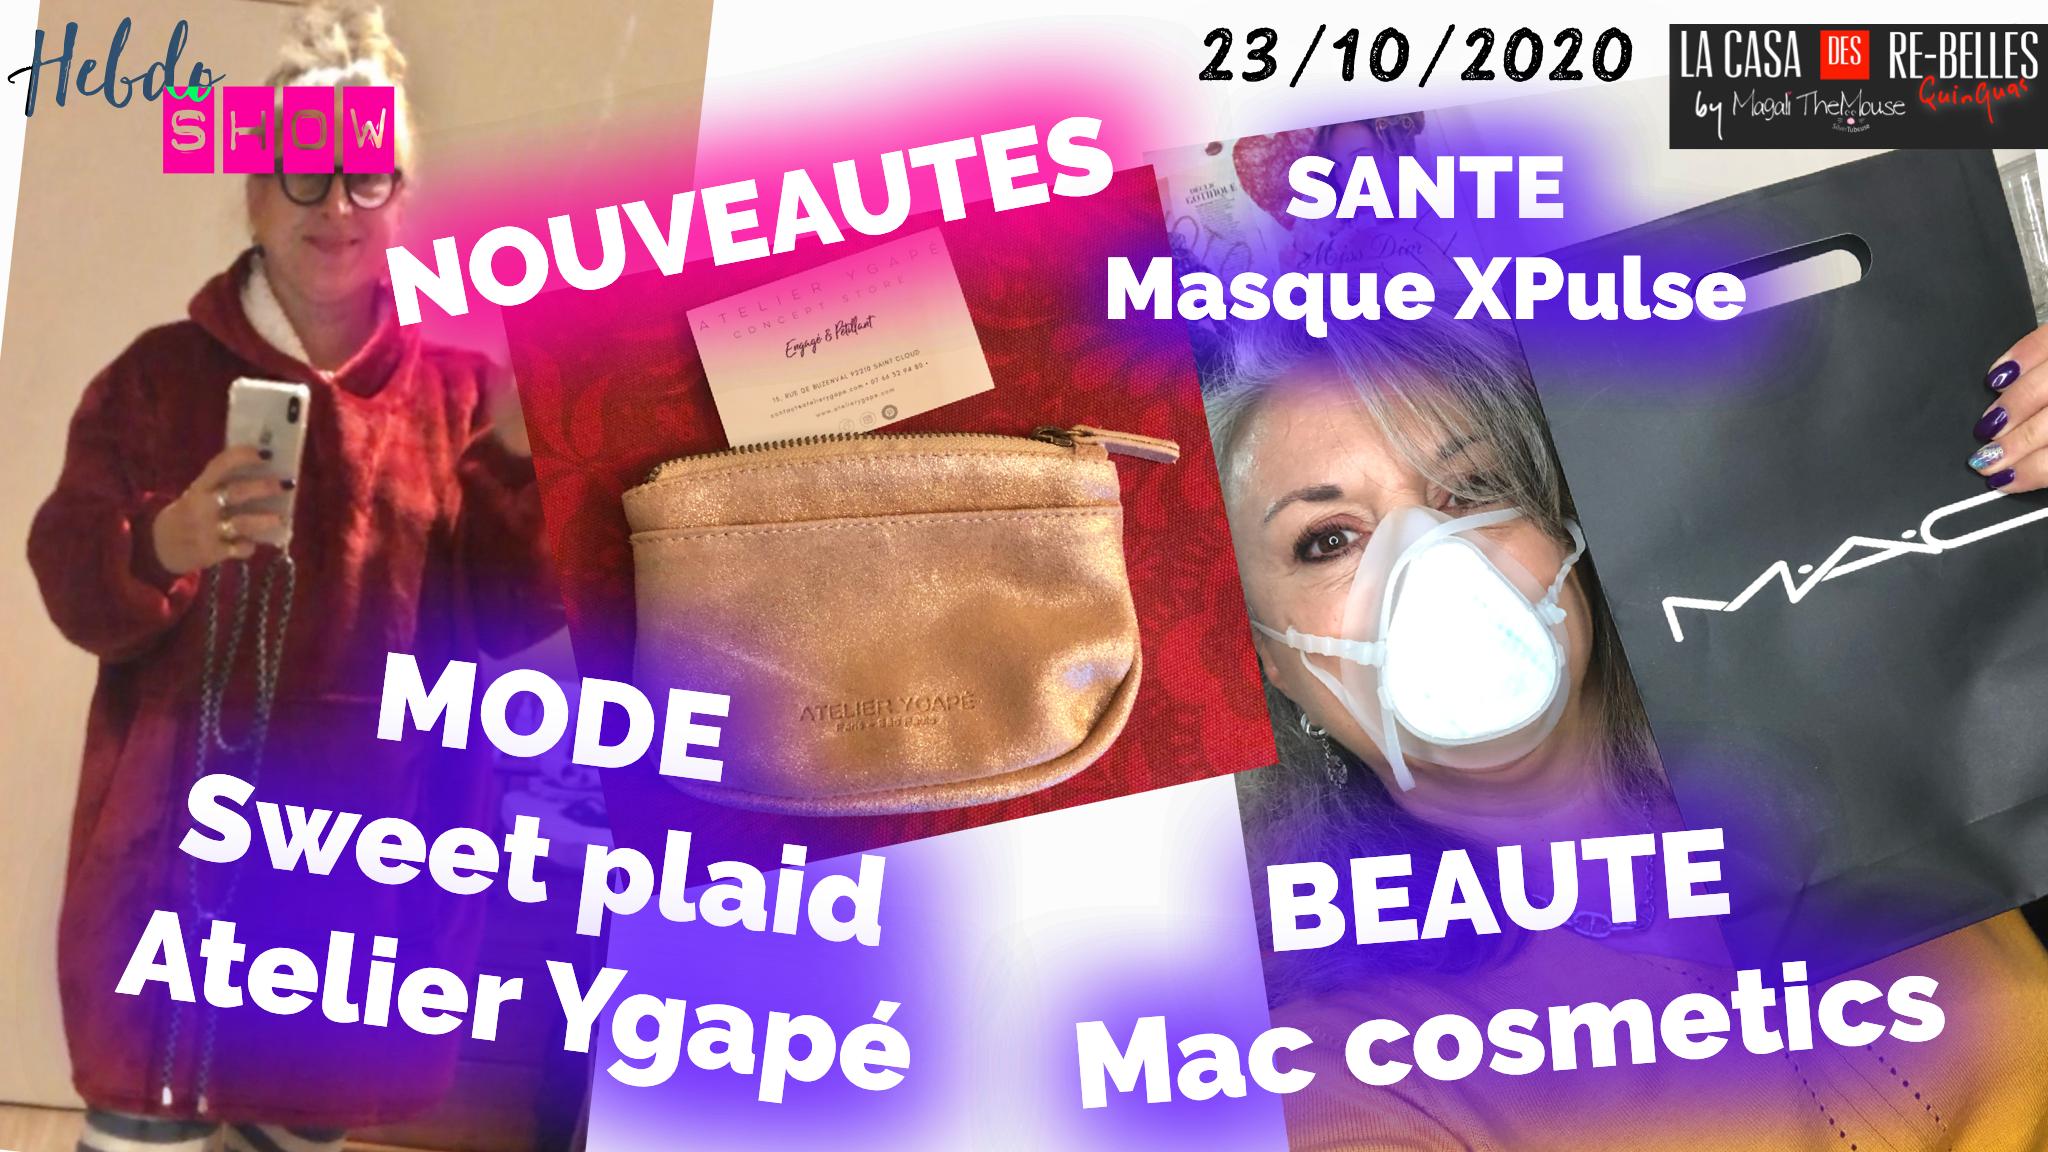 NOUVEAUTÉS: Mac cosmetics, atelier Ygapé, sweet plaid, xPulse